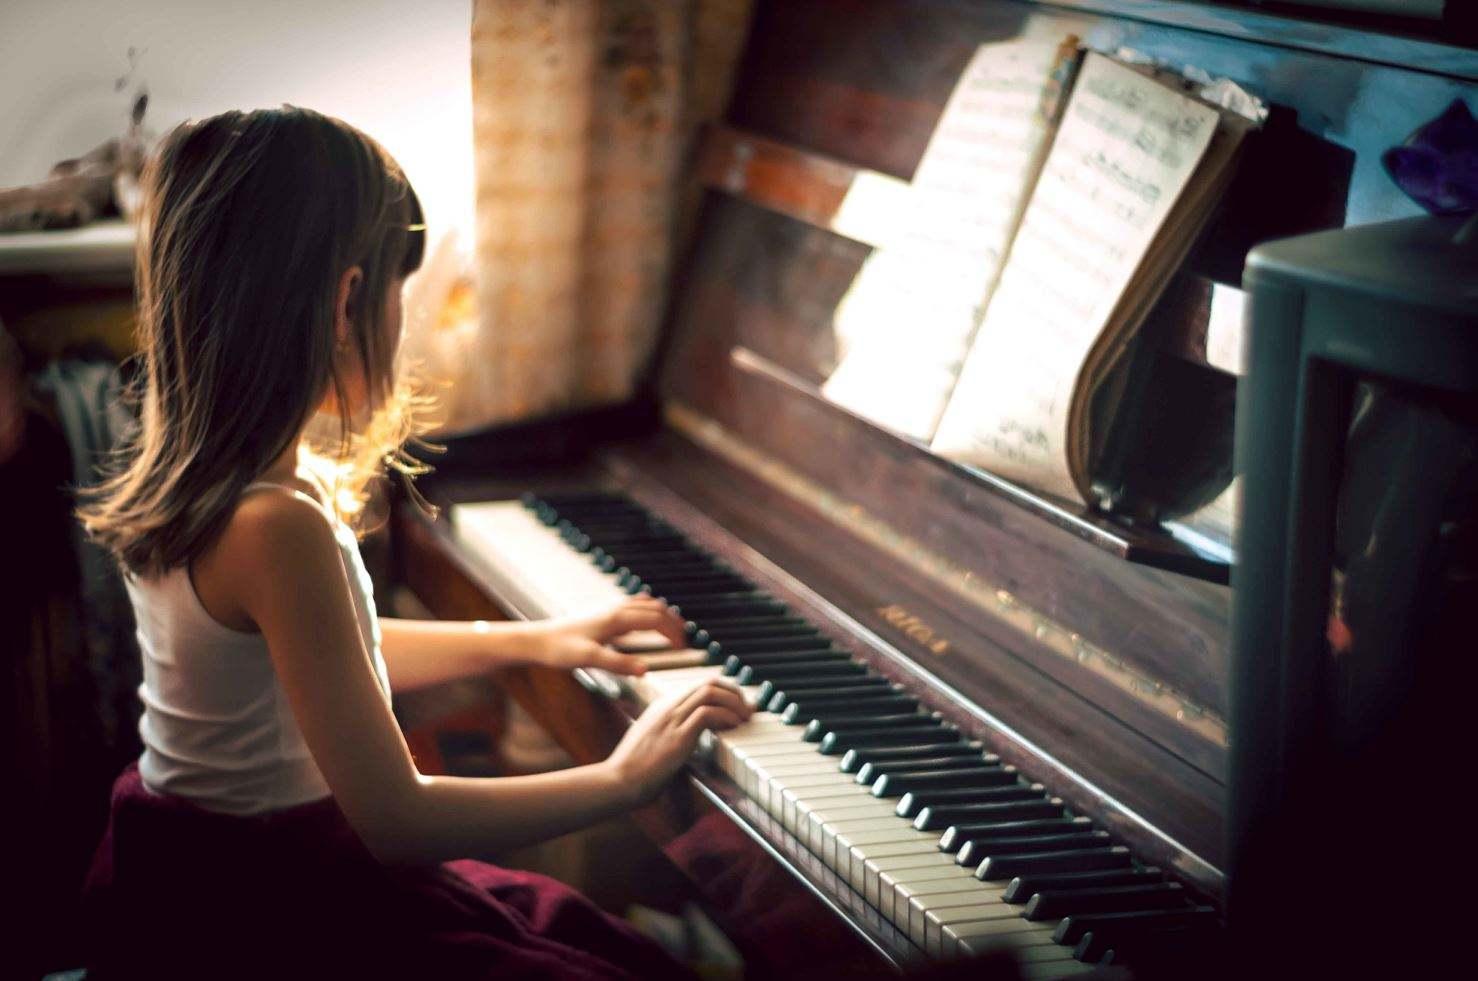 音乐素养的培养应该从孩子喜欢的音乐开始